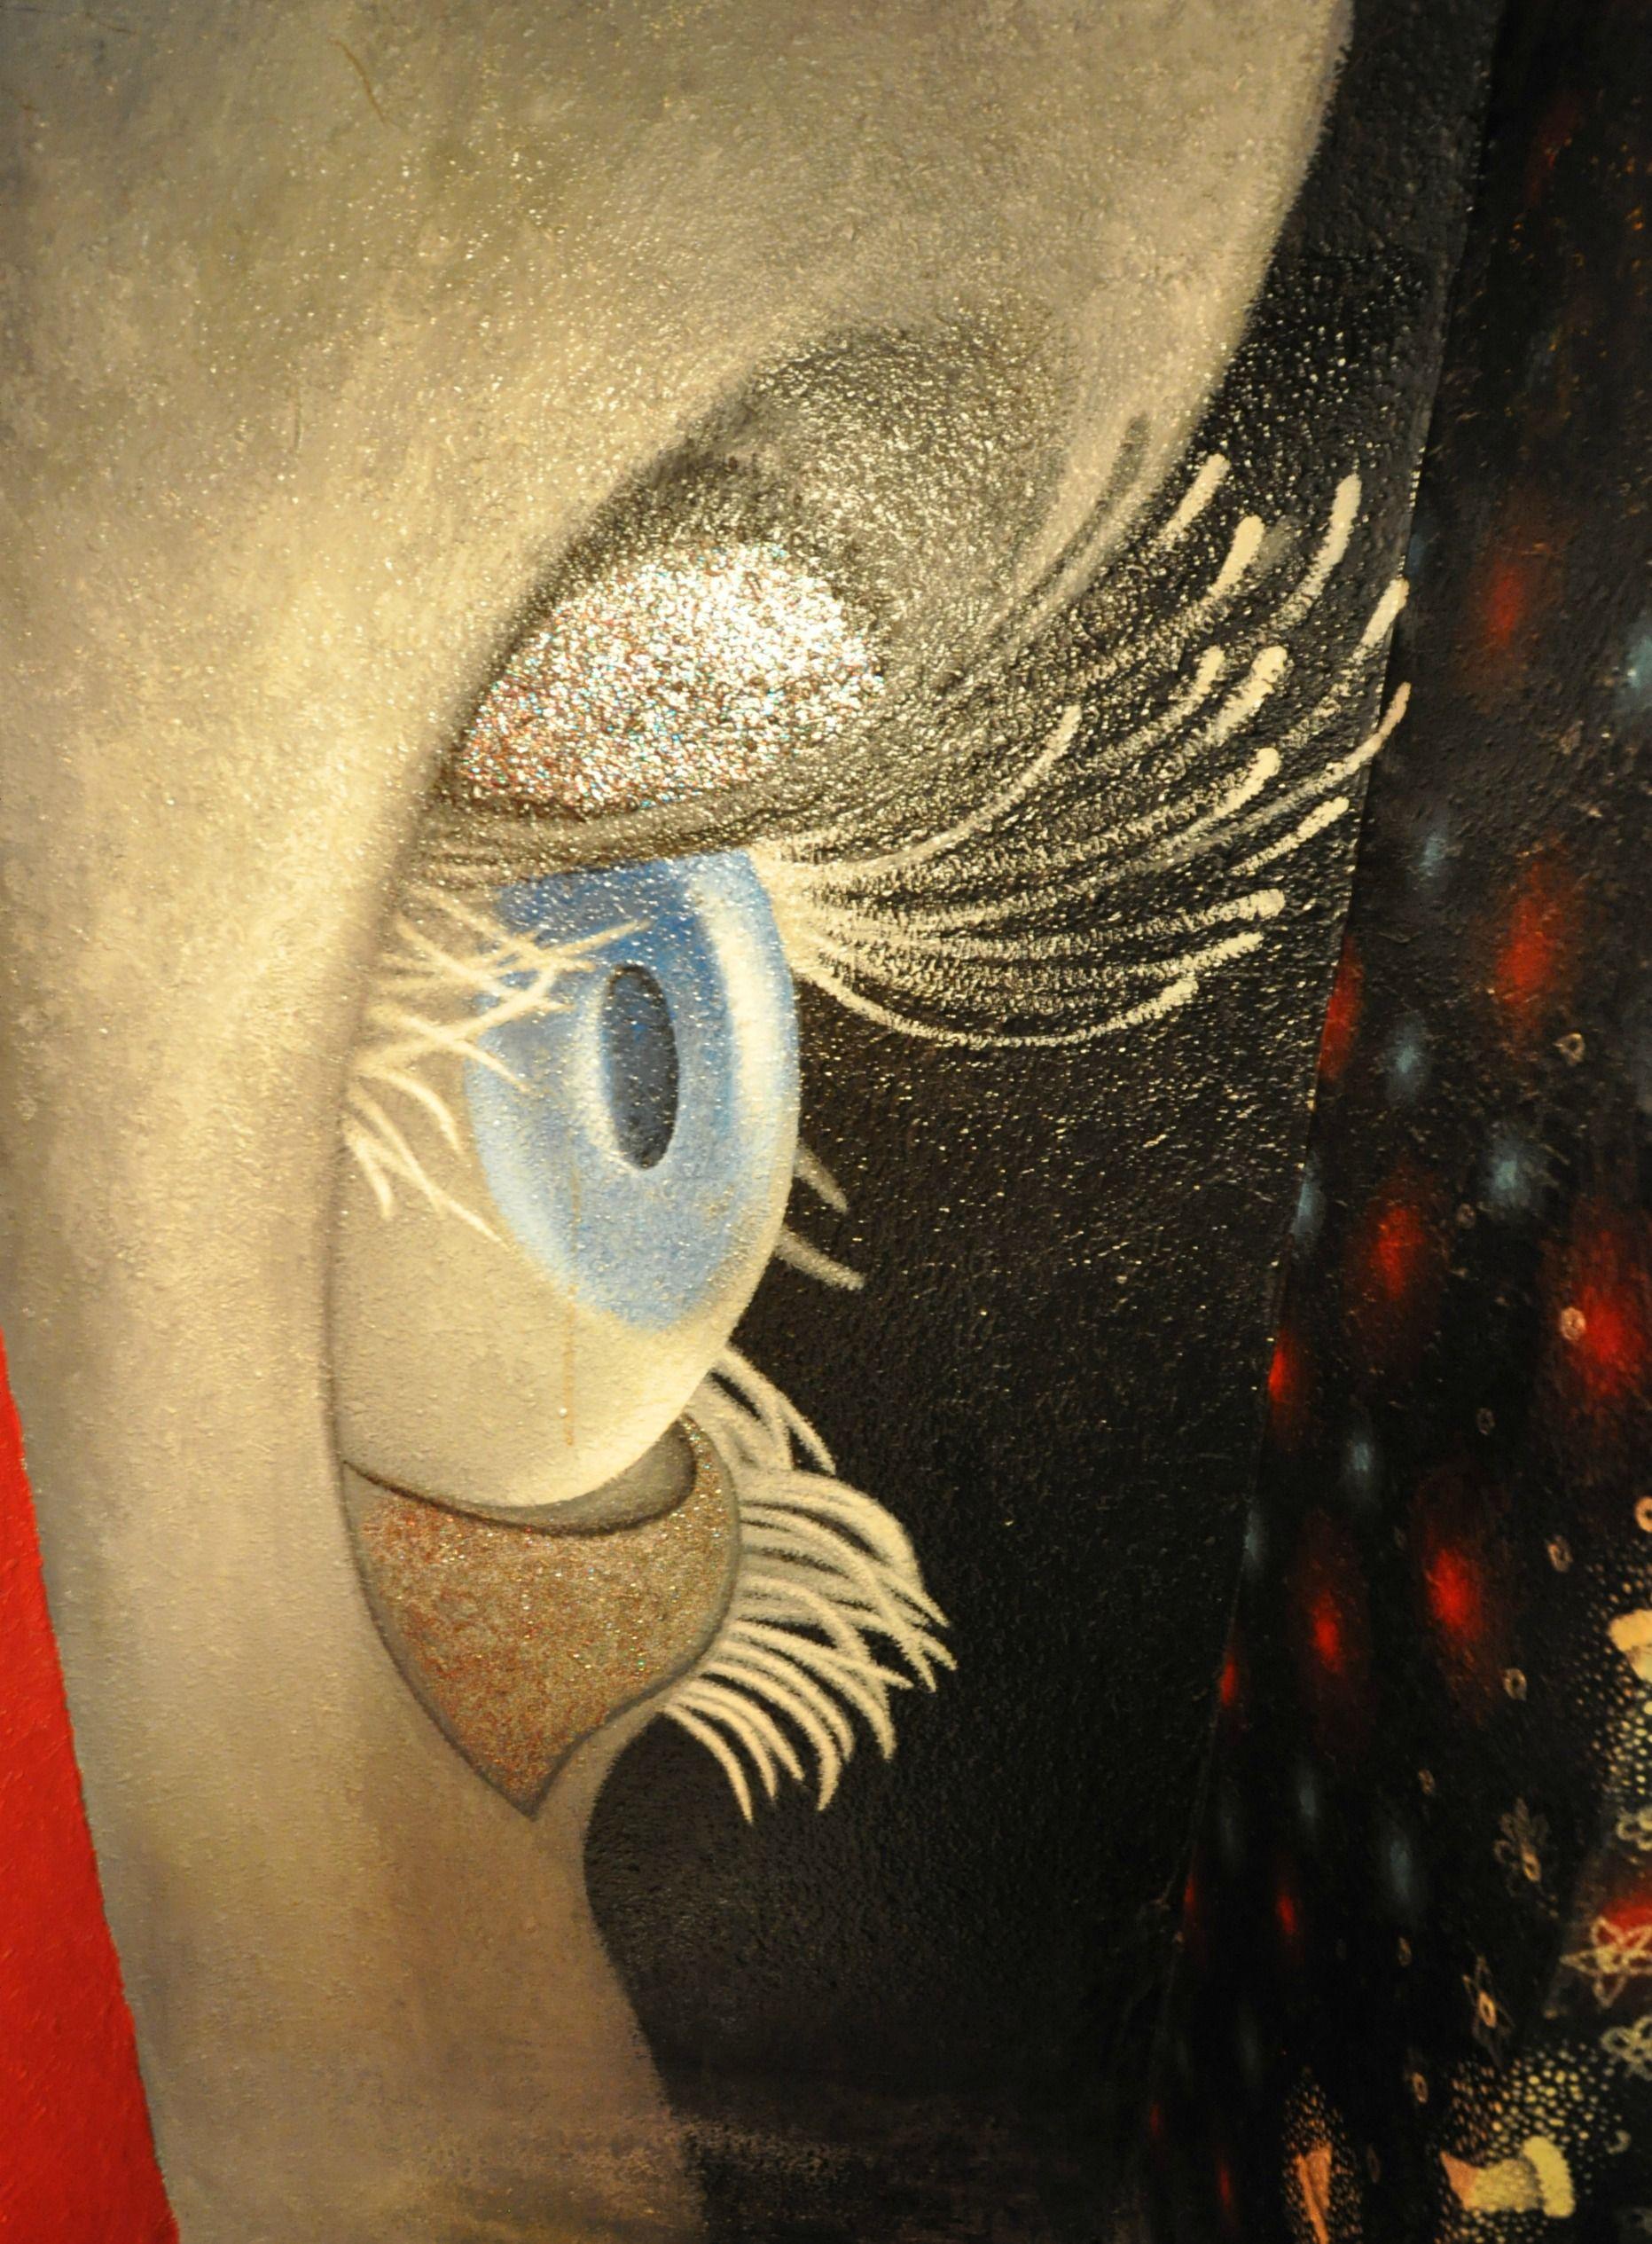 eye health nw portland